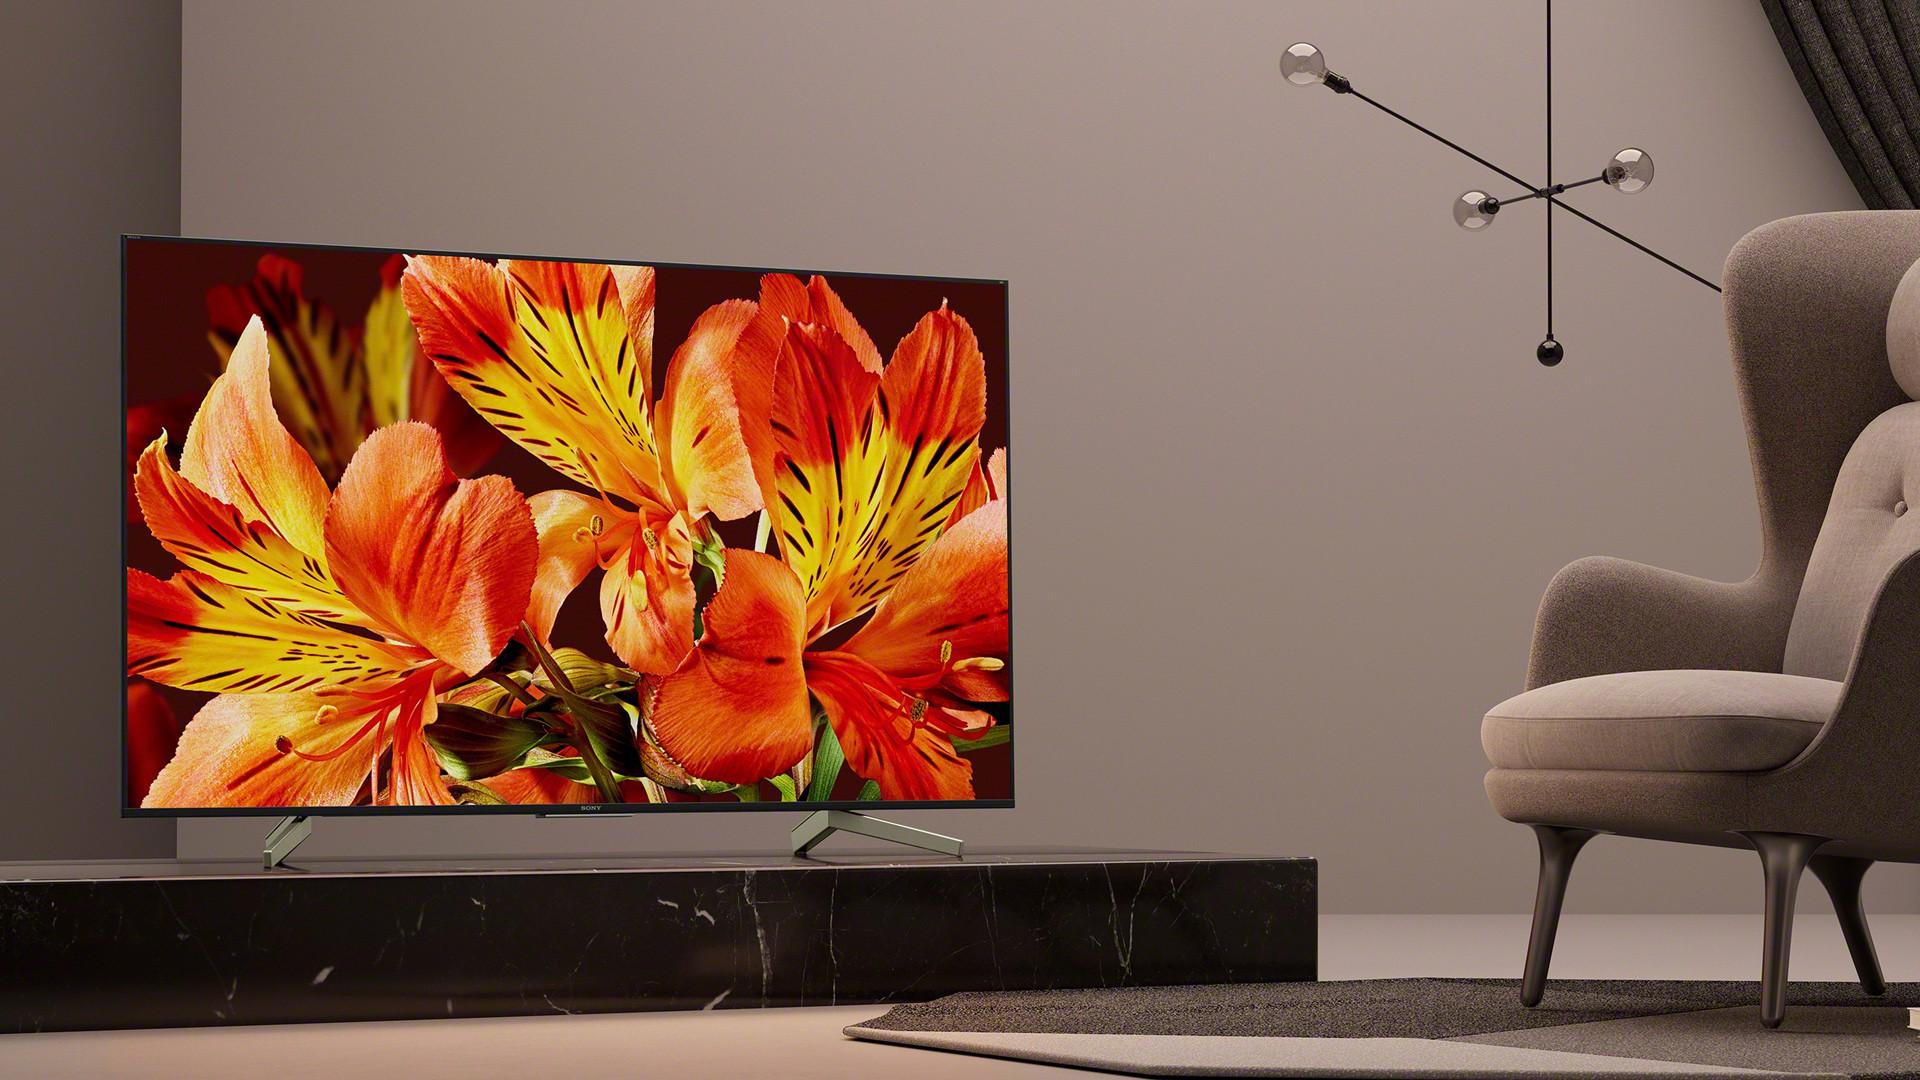 قیمت ومشخصات تلویزیون 65 اینچ سونی مدل x9000f